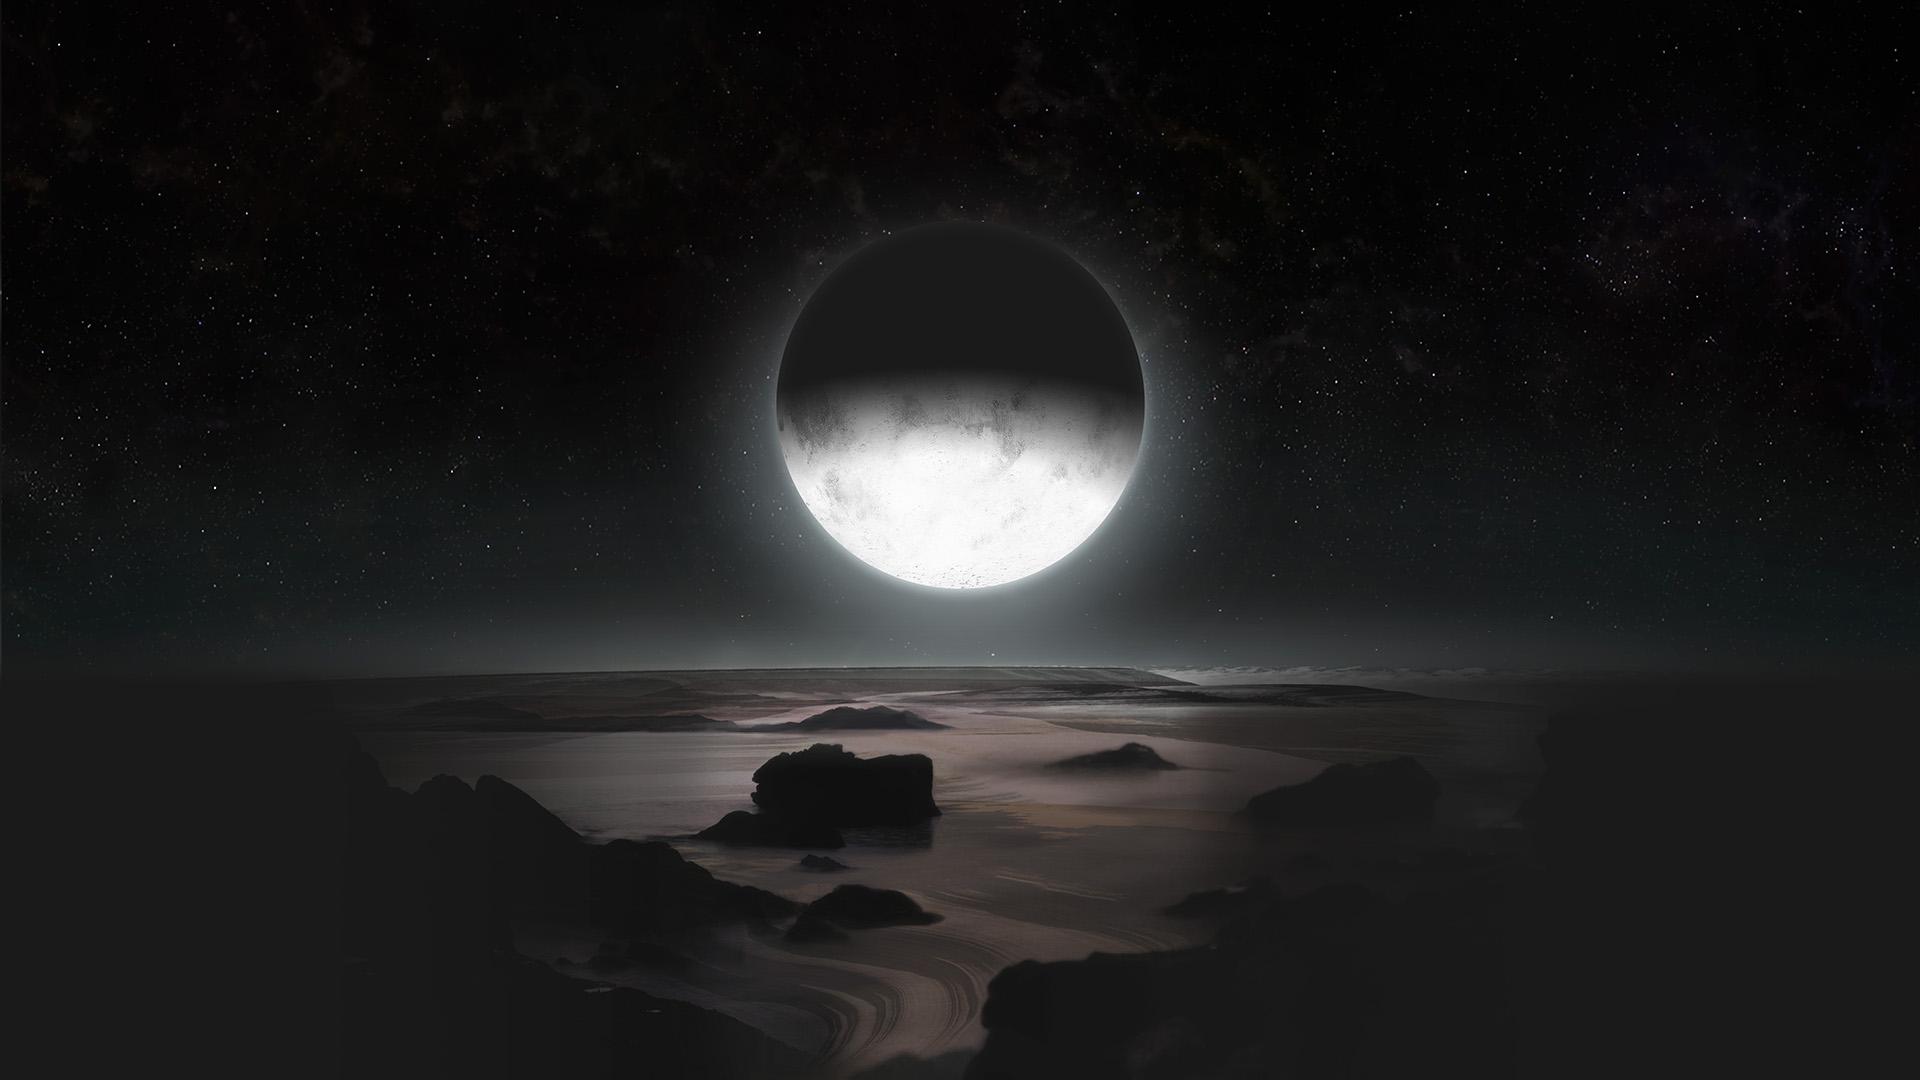 صورة لبلوتو تحت ضوء القمر شارون